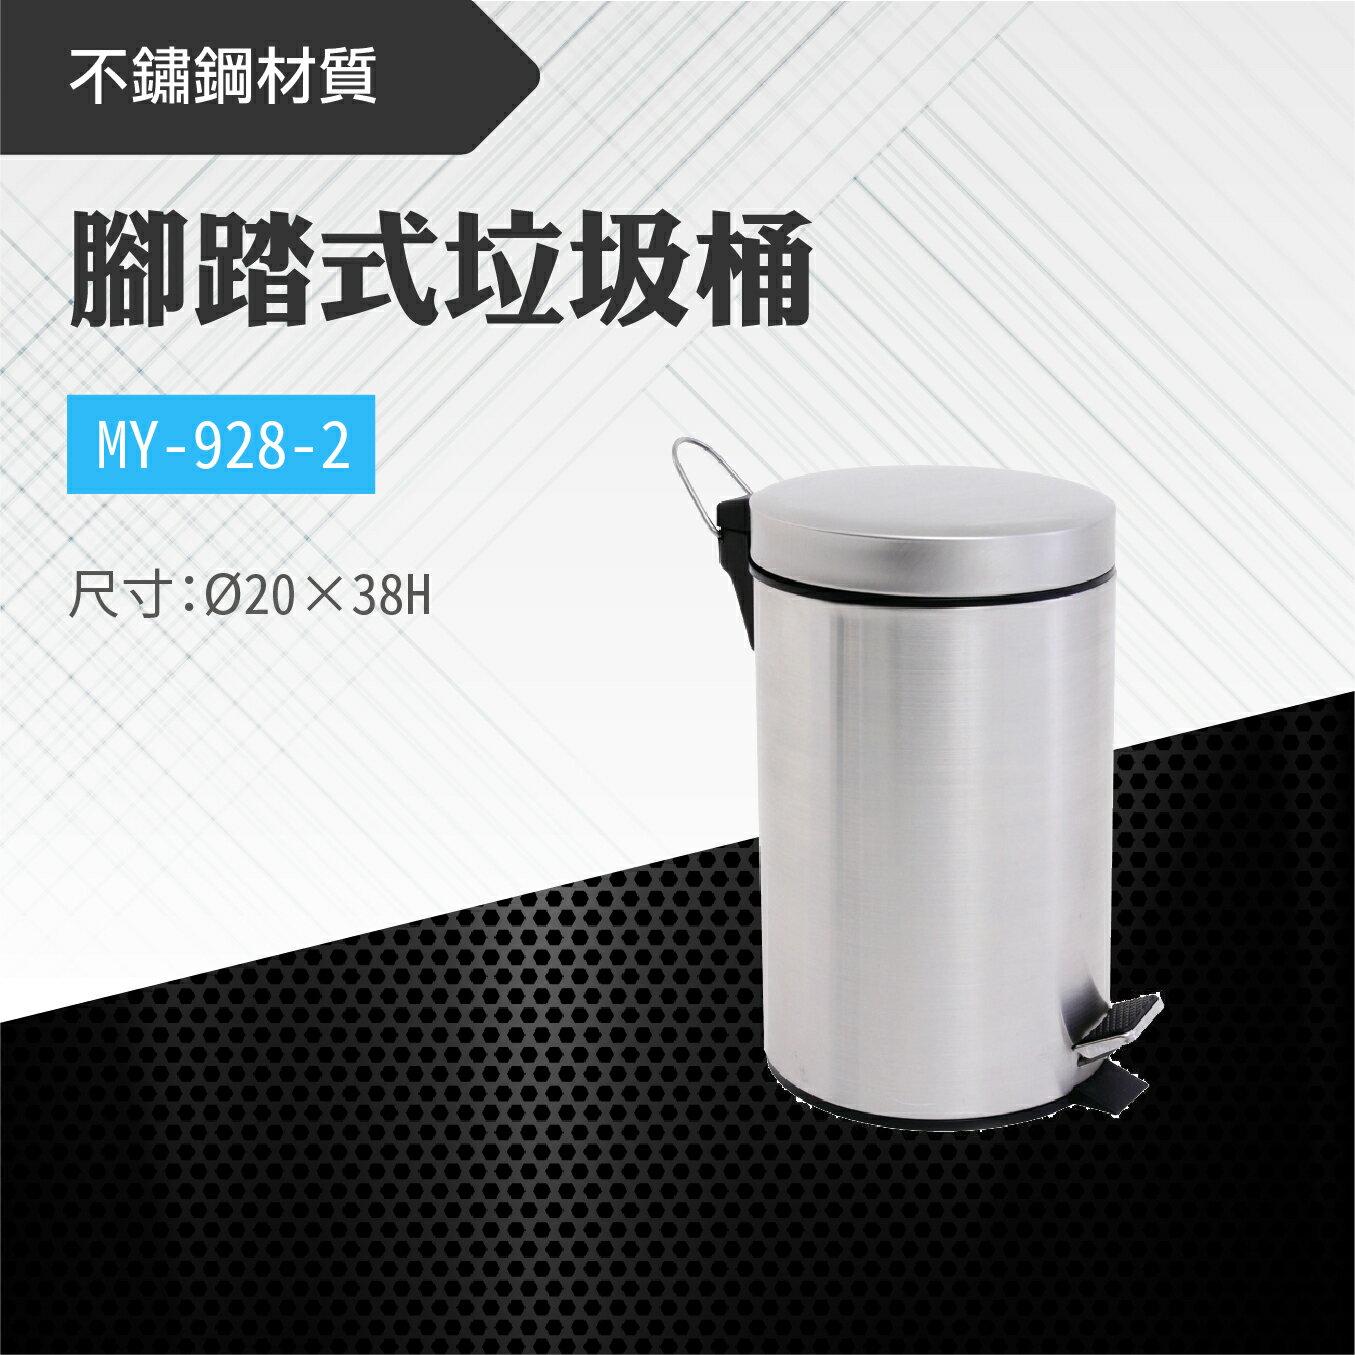 台灣製 腳踏式垃圾桶MY-928-2 不鏽鋼 金屬垃圾桶 回收桶 圓筒型 圓形 居家 清潔 廚房 客廳 辦公室